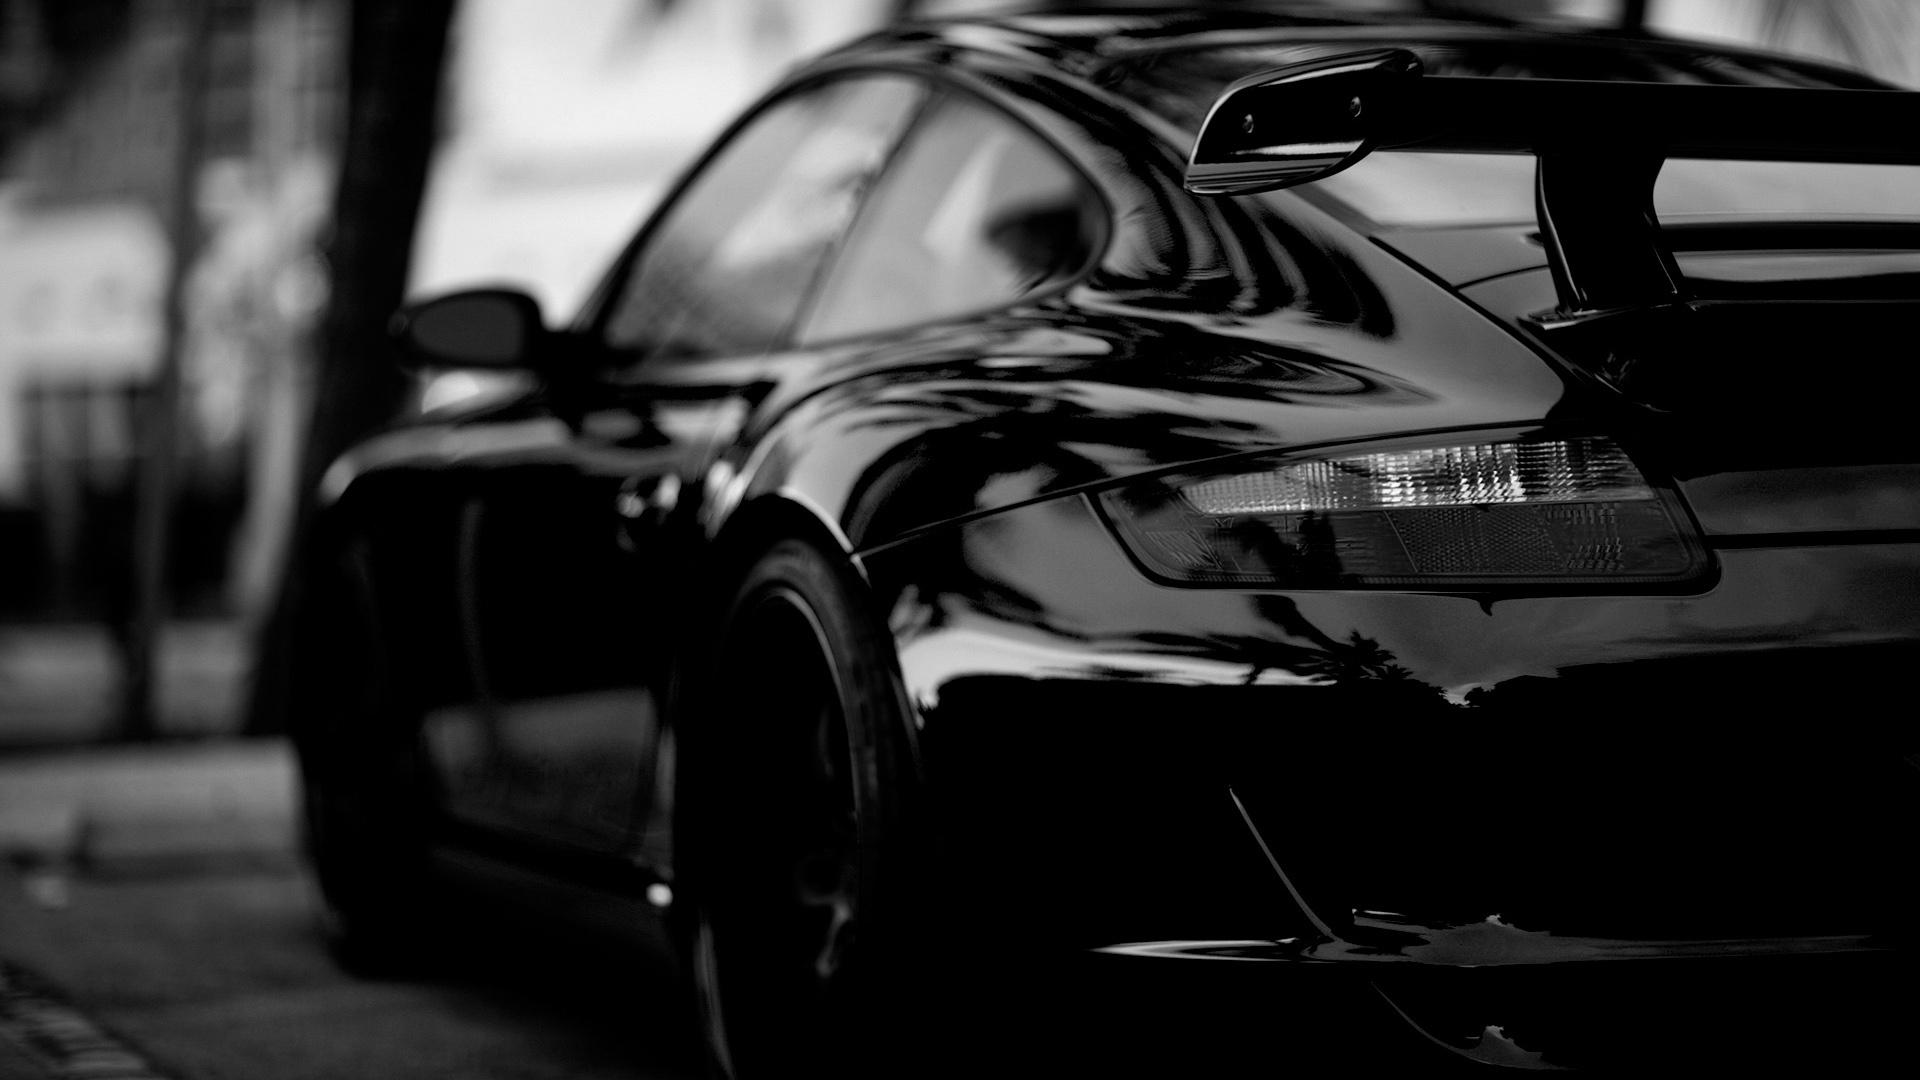 Porsche in Black